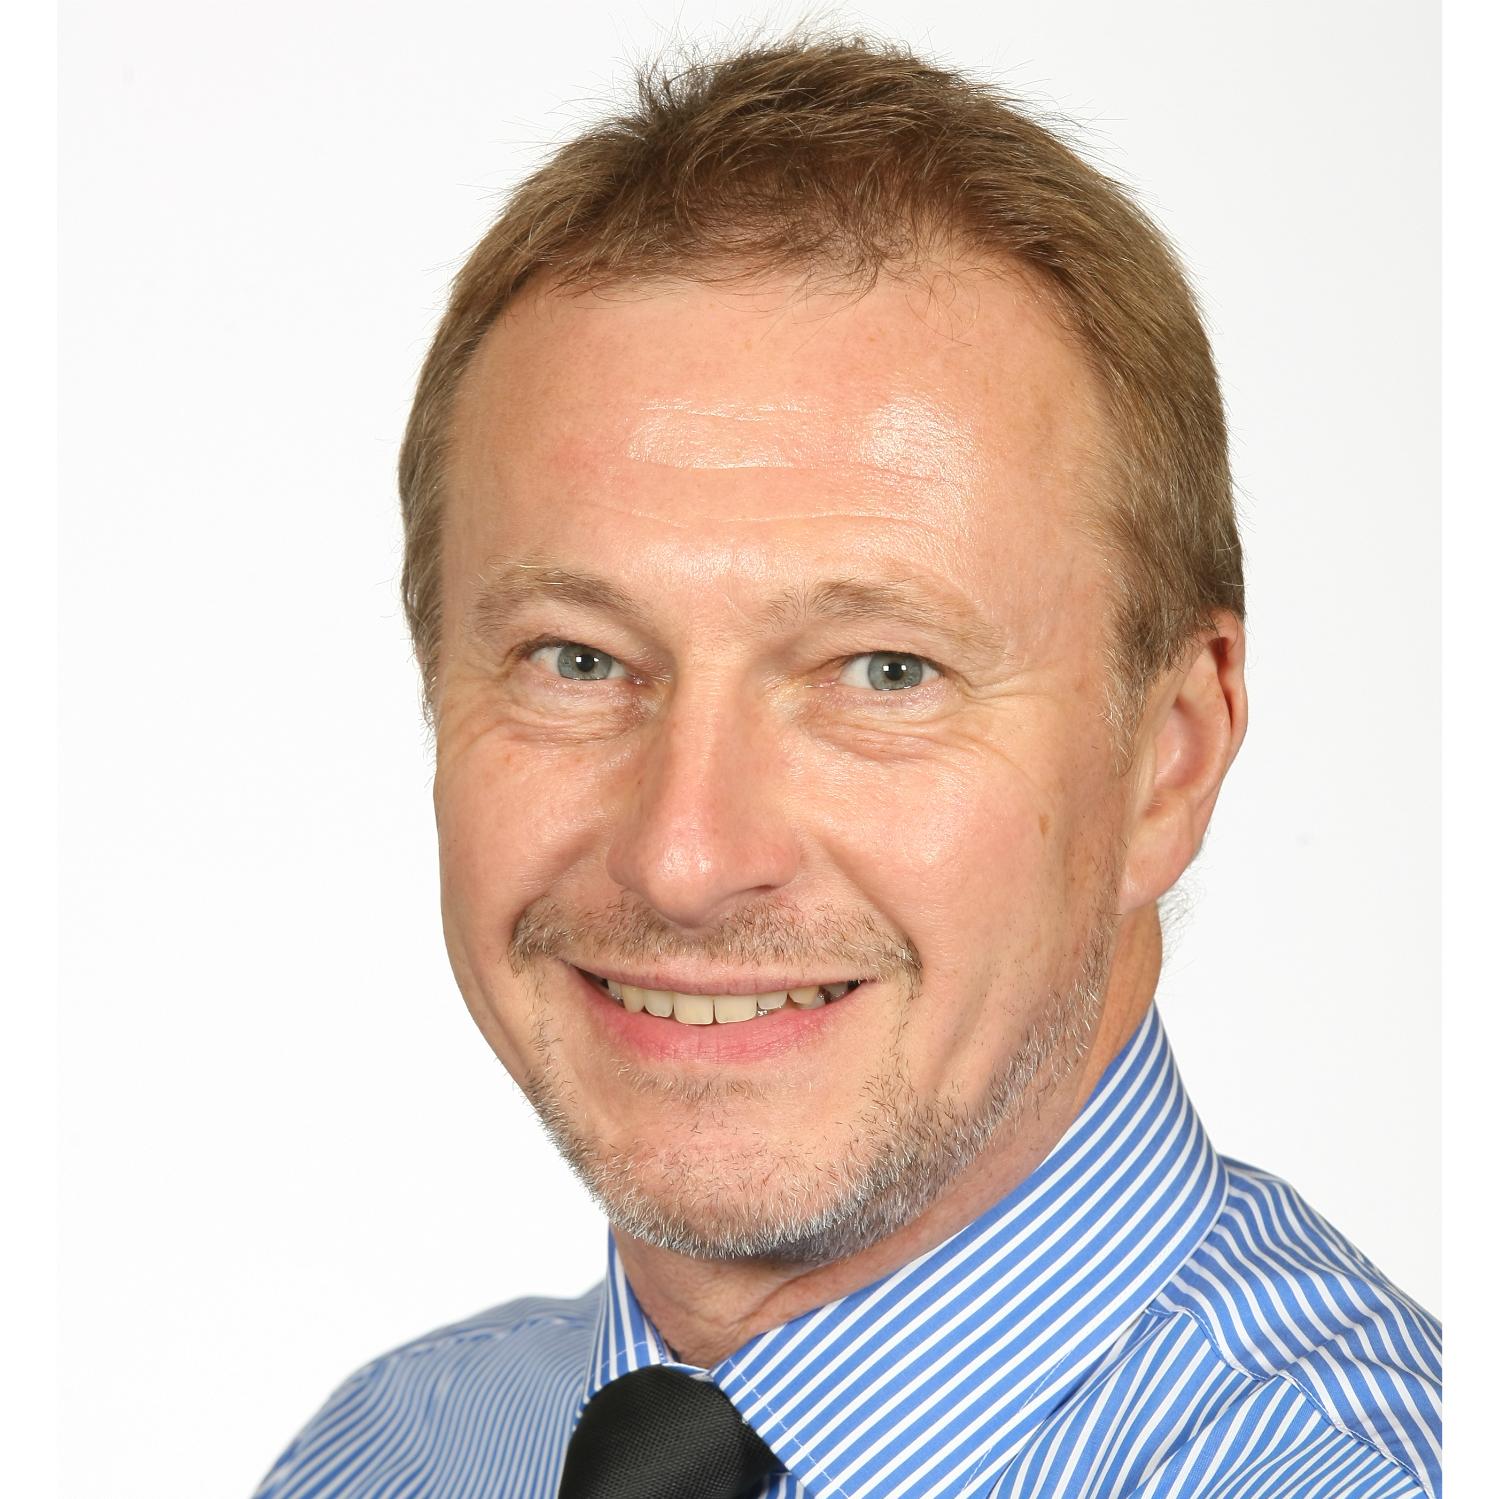 David Shadbolt